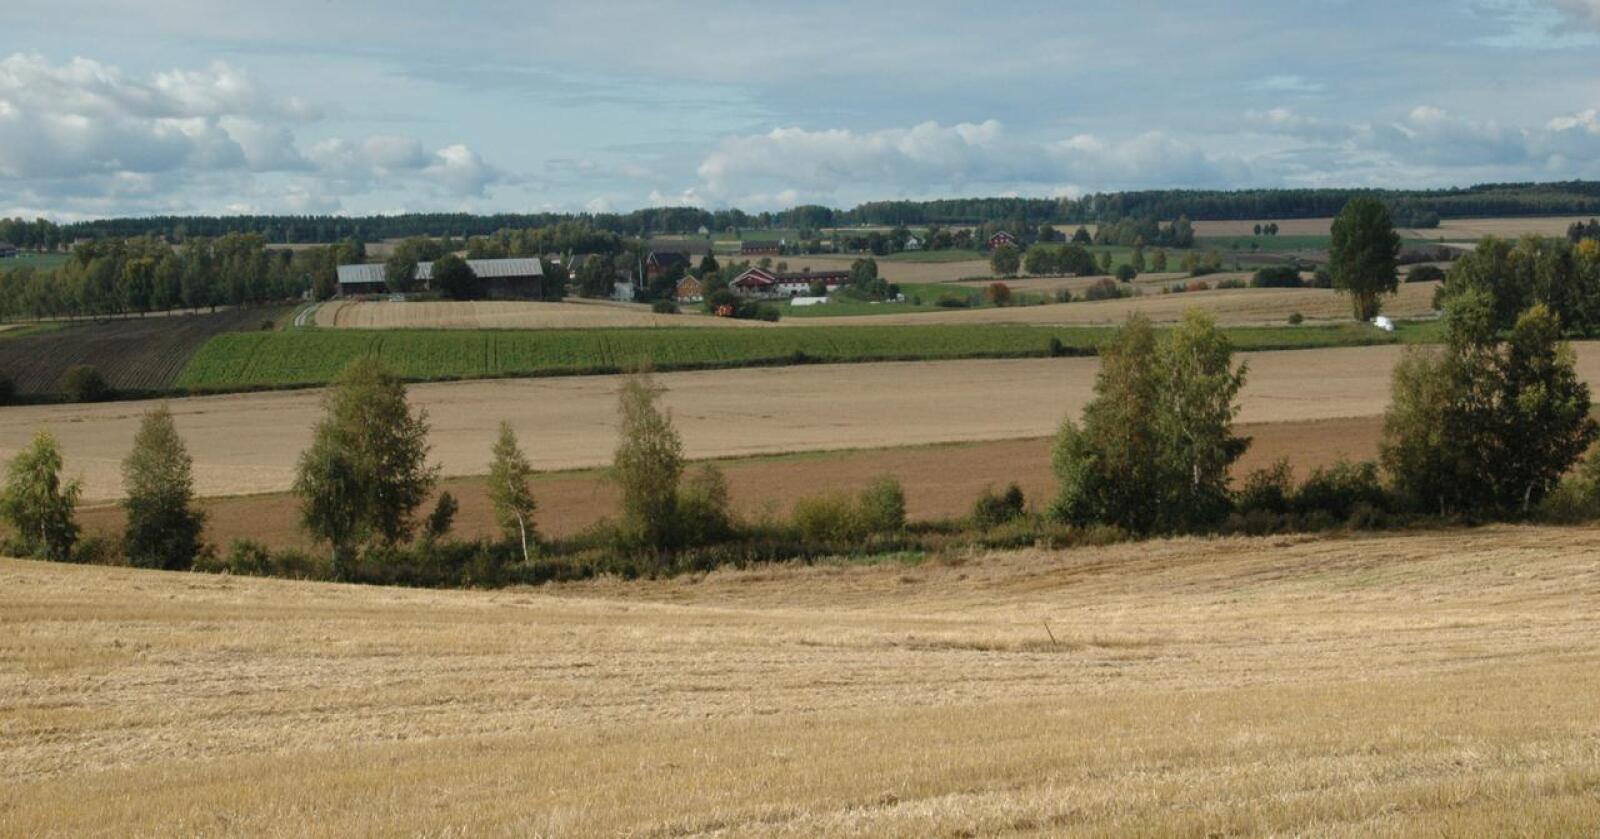 Stadig færre: Den lange utviklingstrenden med færre og større gårdsbruk, fortsatte i 2020. Gjennom det siste tiåret, er hvert sjette gårdsbruk blitt nedlagt. (Foto: Lars Olav Haug)